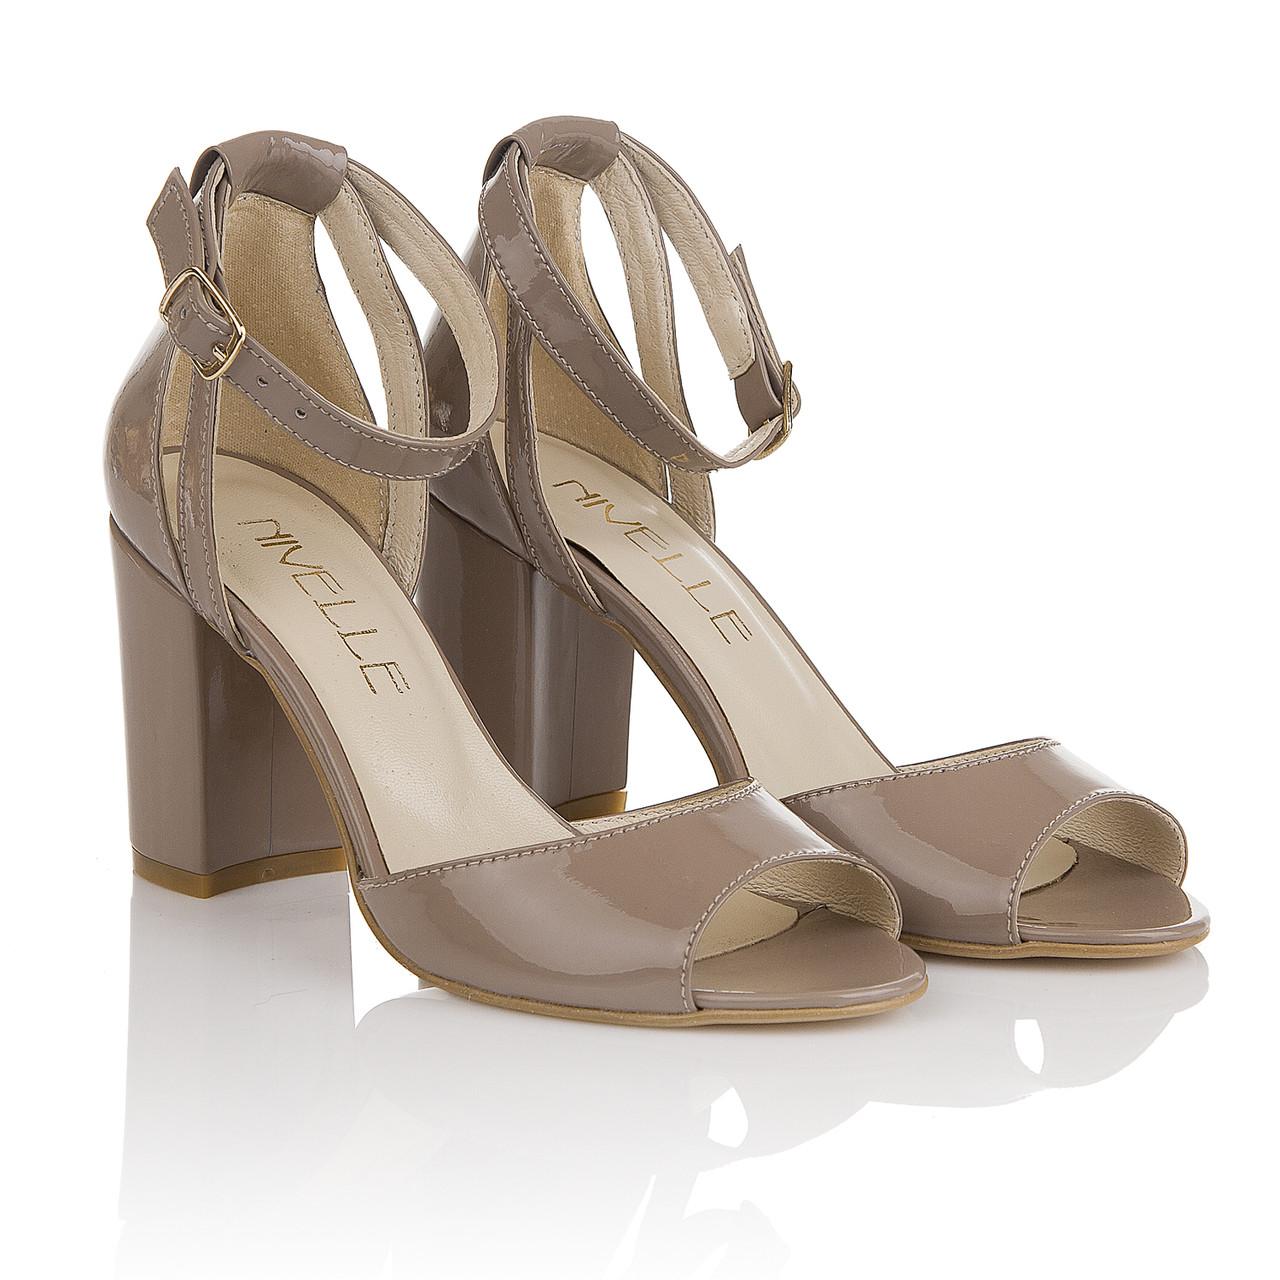 e071a5684db097 Босоножки женские Nivelle (роскошного оттенка серый беж, на удобном  каблуке, натуральная лаковая кожа, изыскан